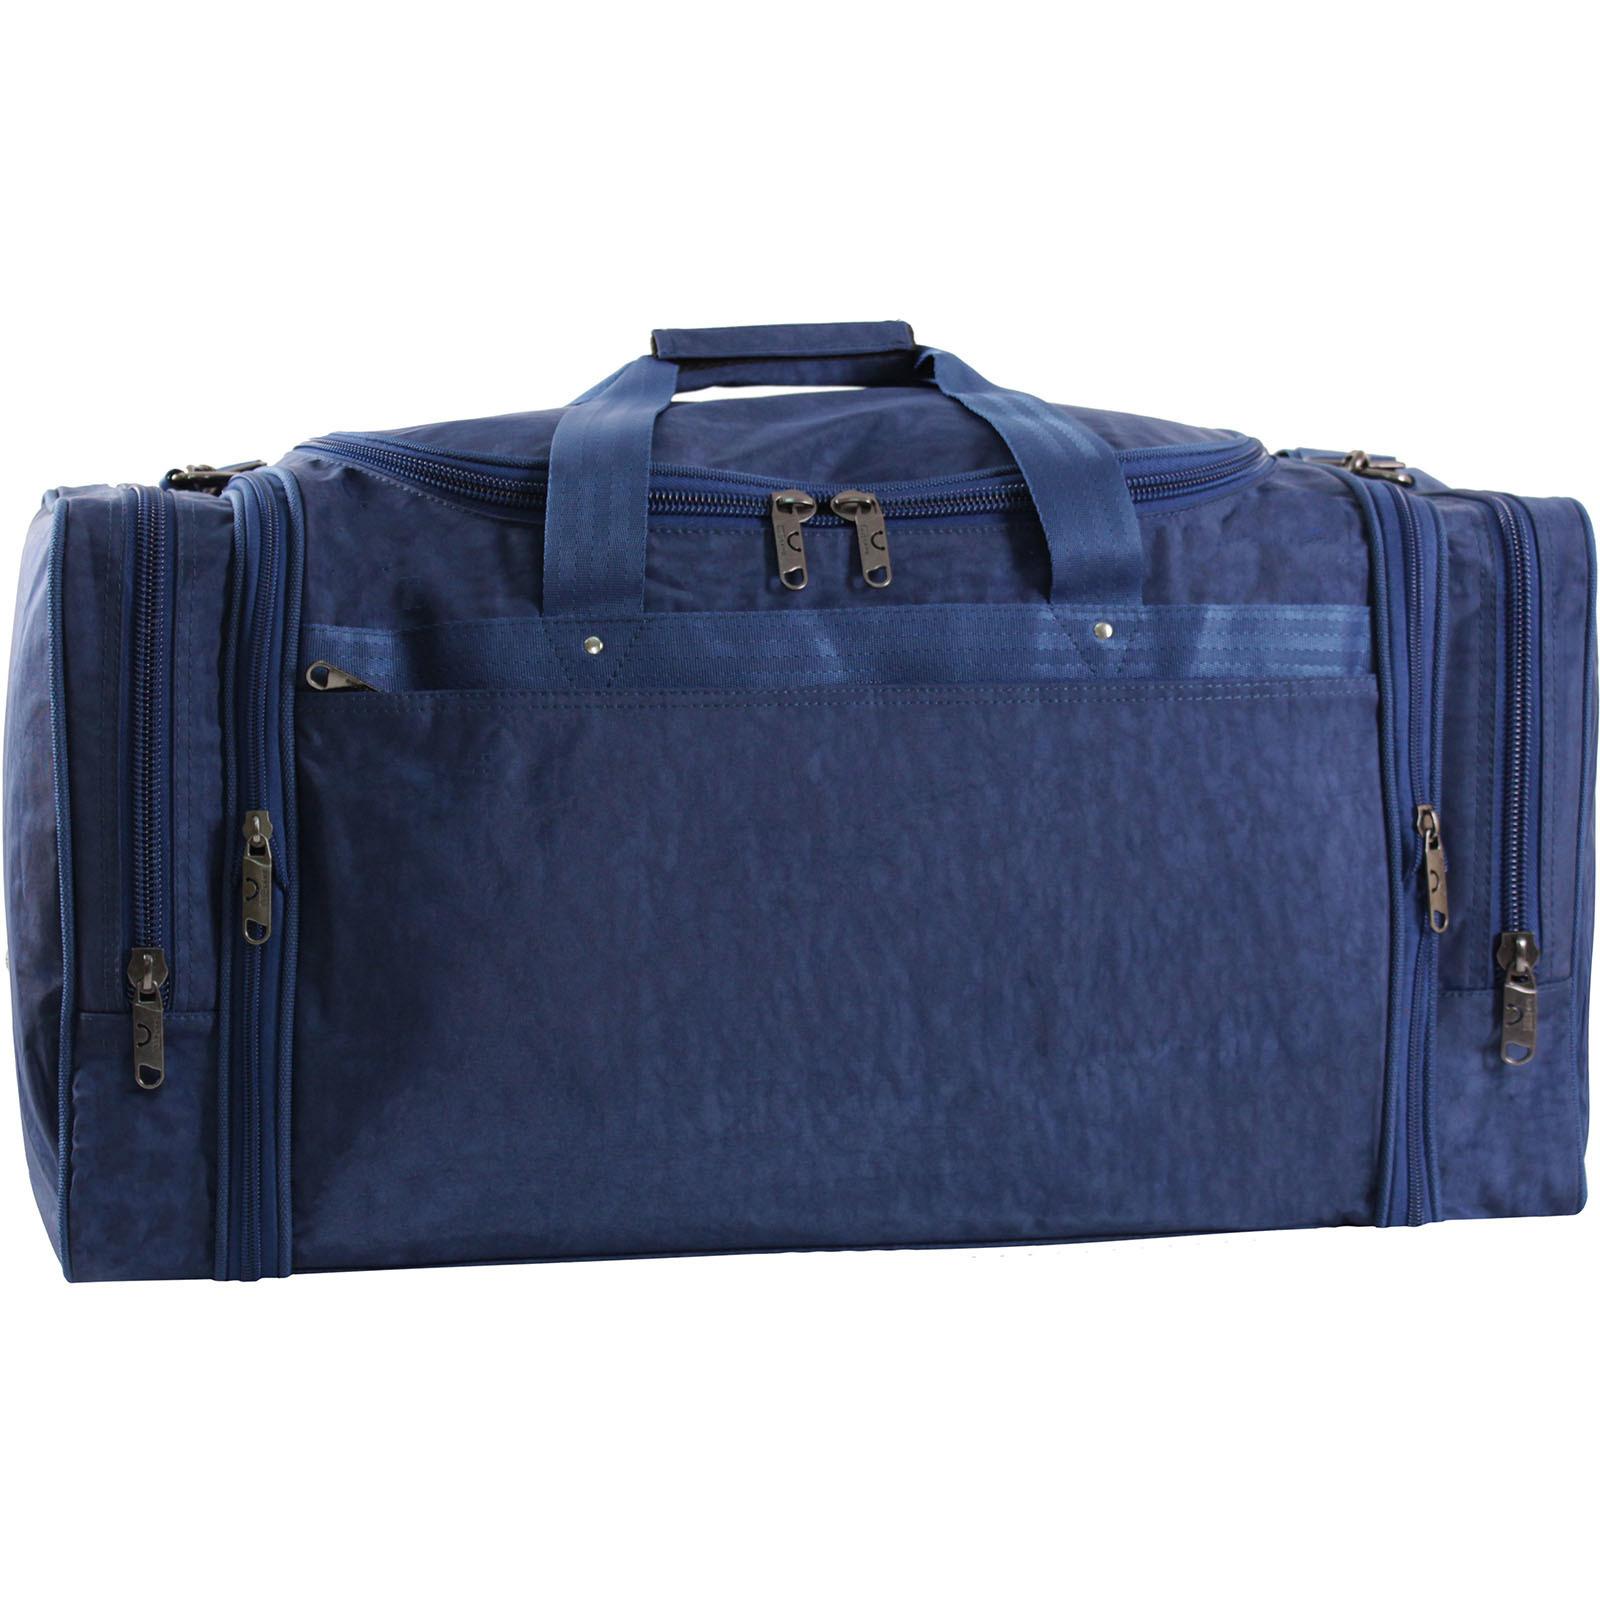 Дорожные сумки Спортивная сумка Bagland Мюнхен 59 л. Синий (0032570) IMG_1414.JPG